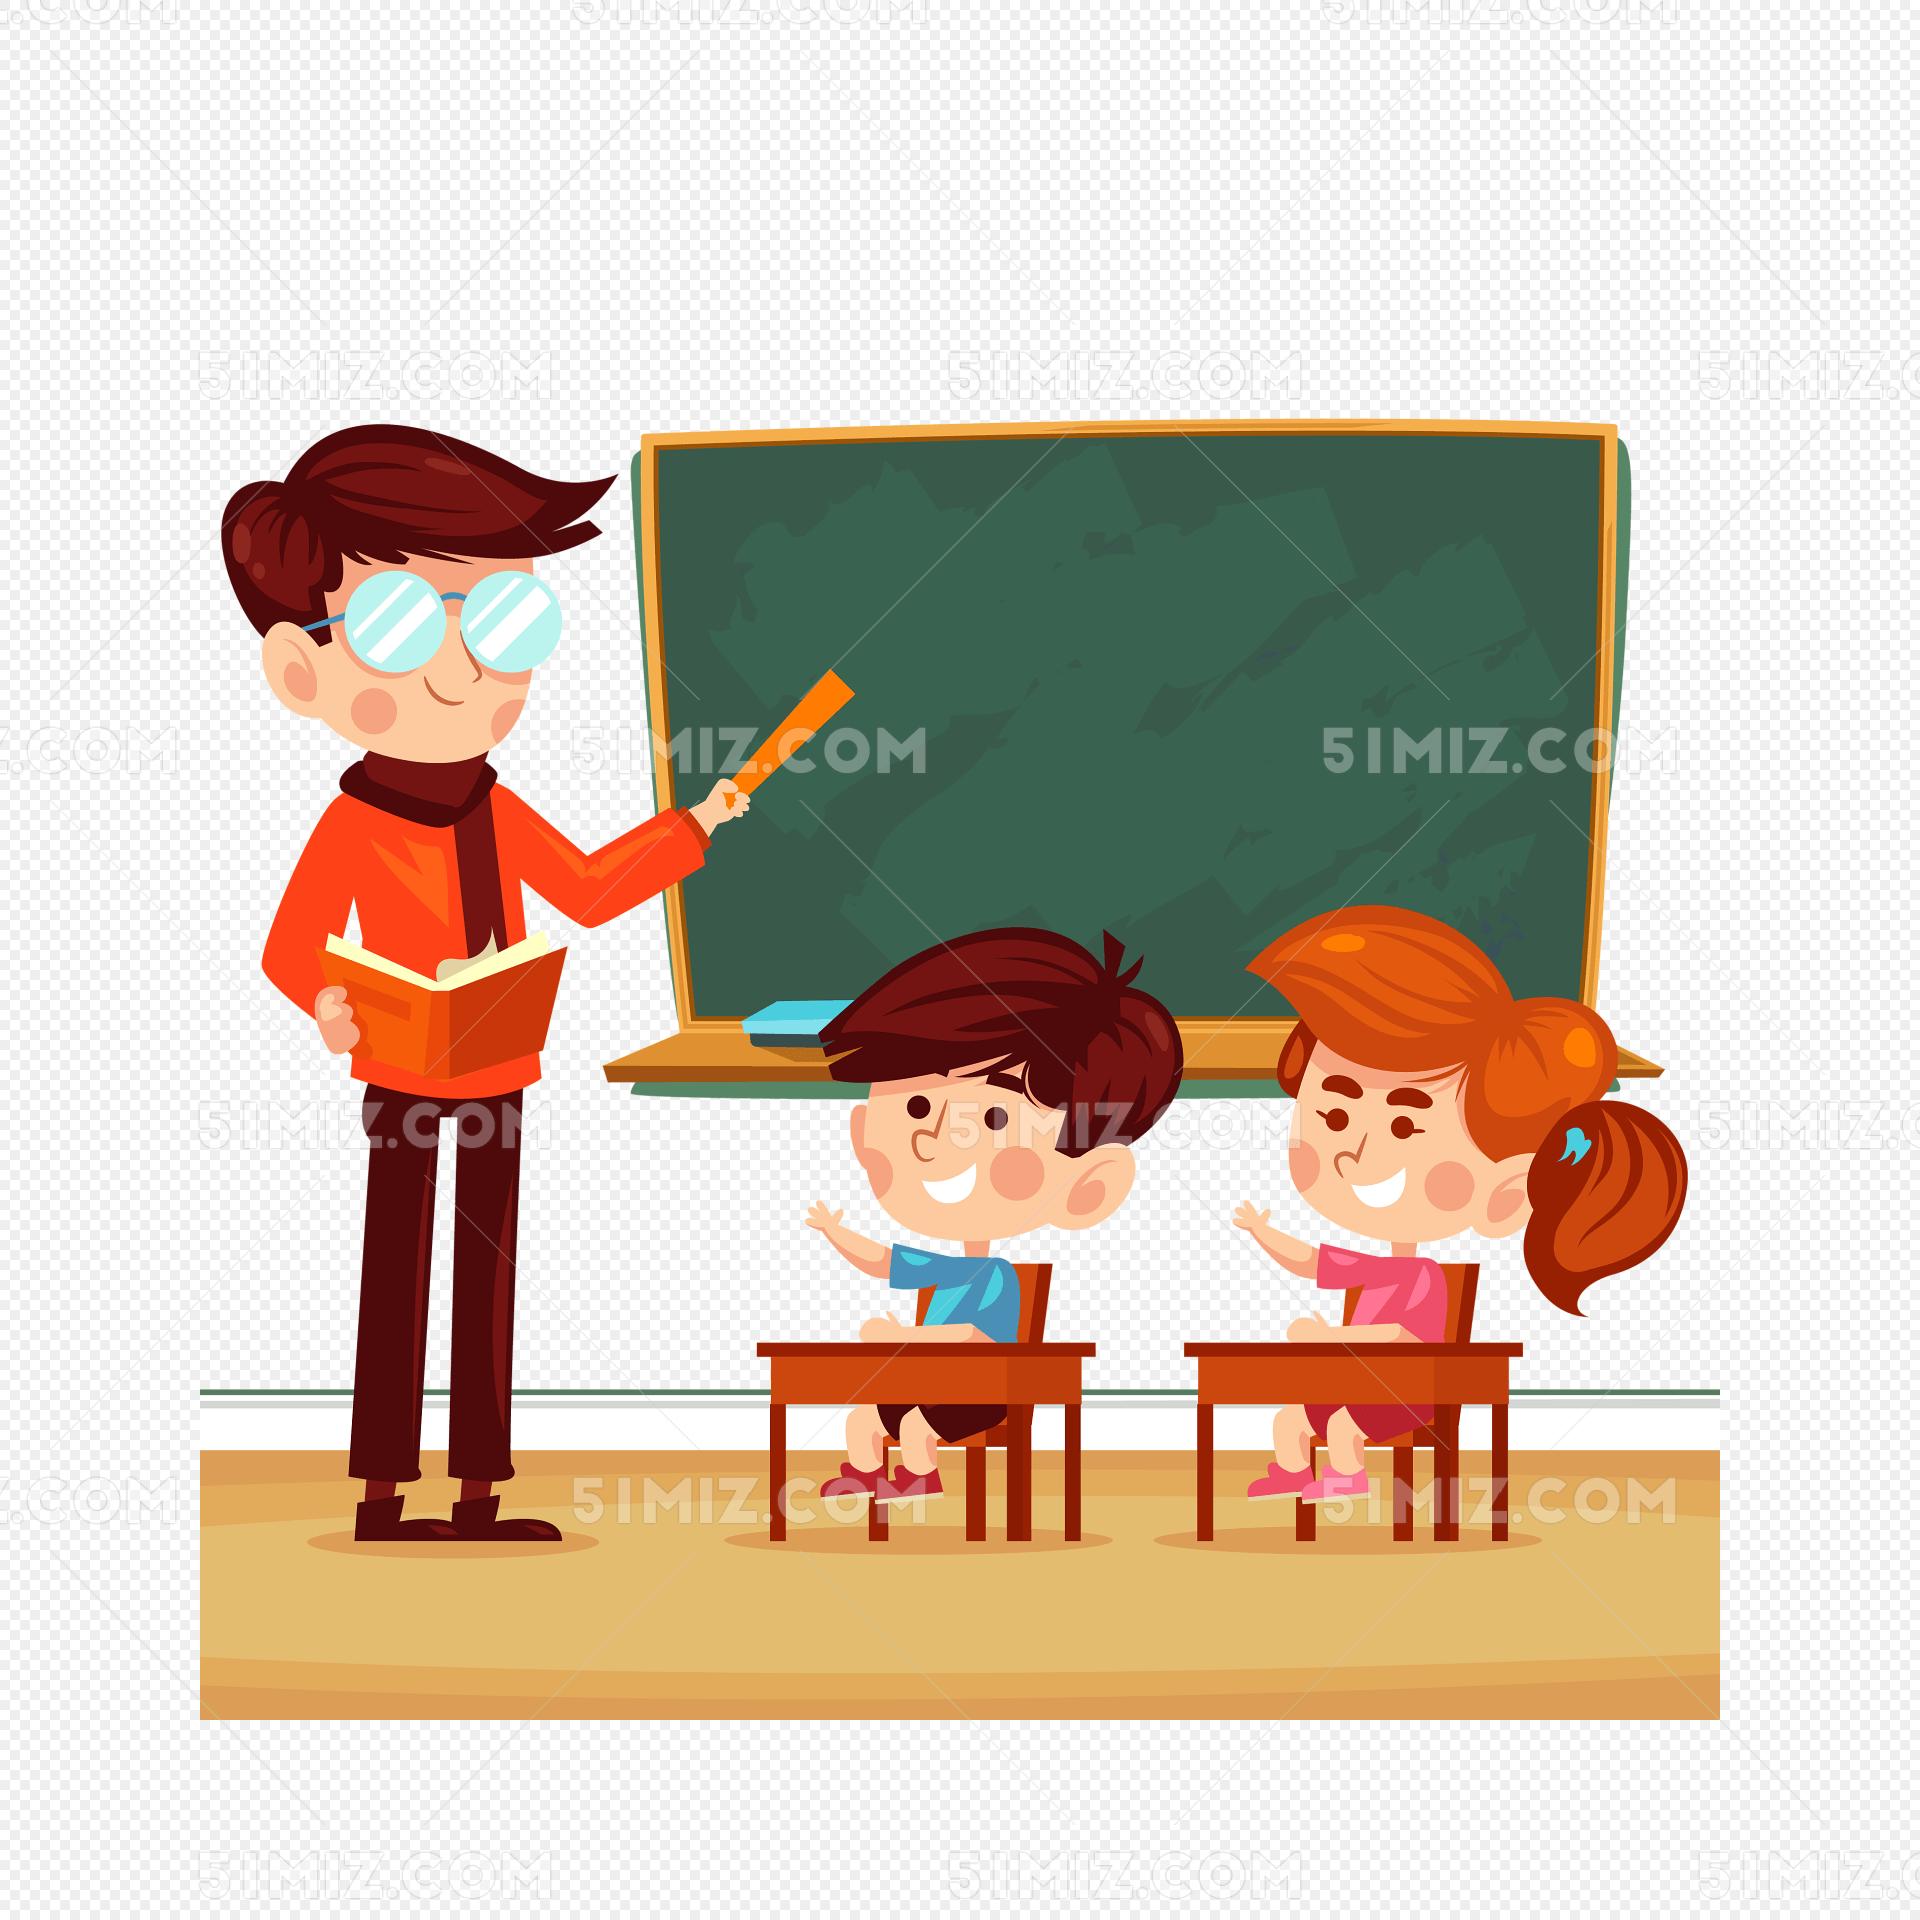 卡通儿童教育知识讲堂授课png图片